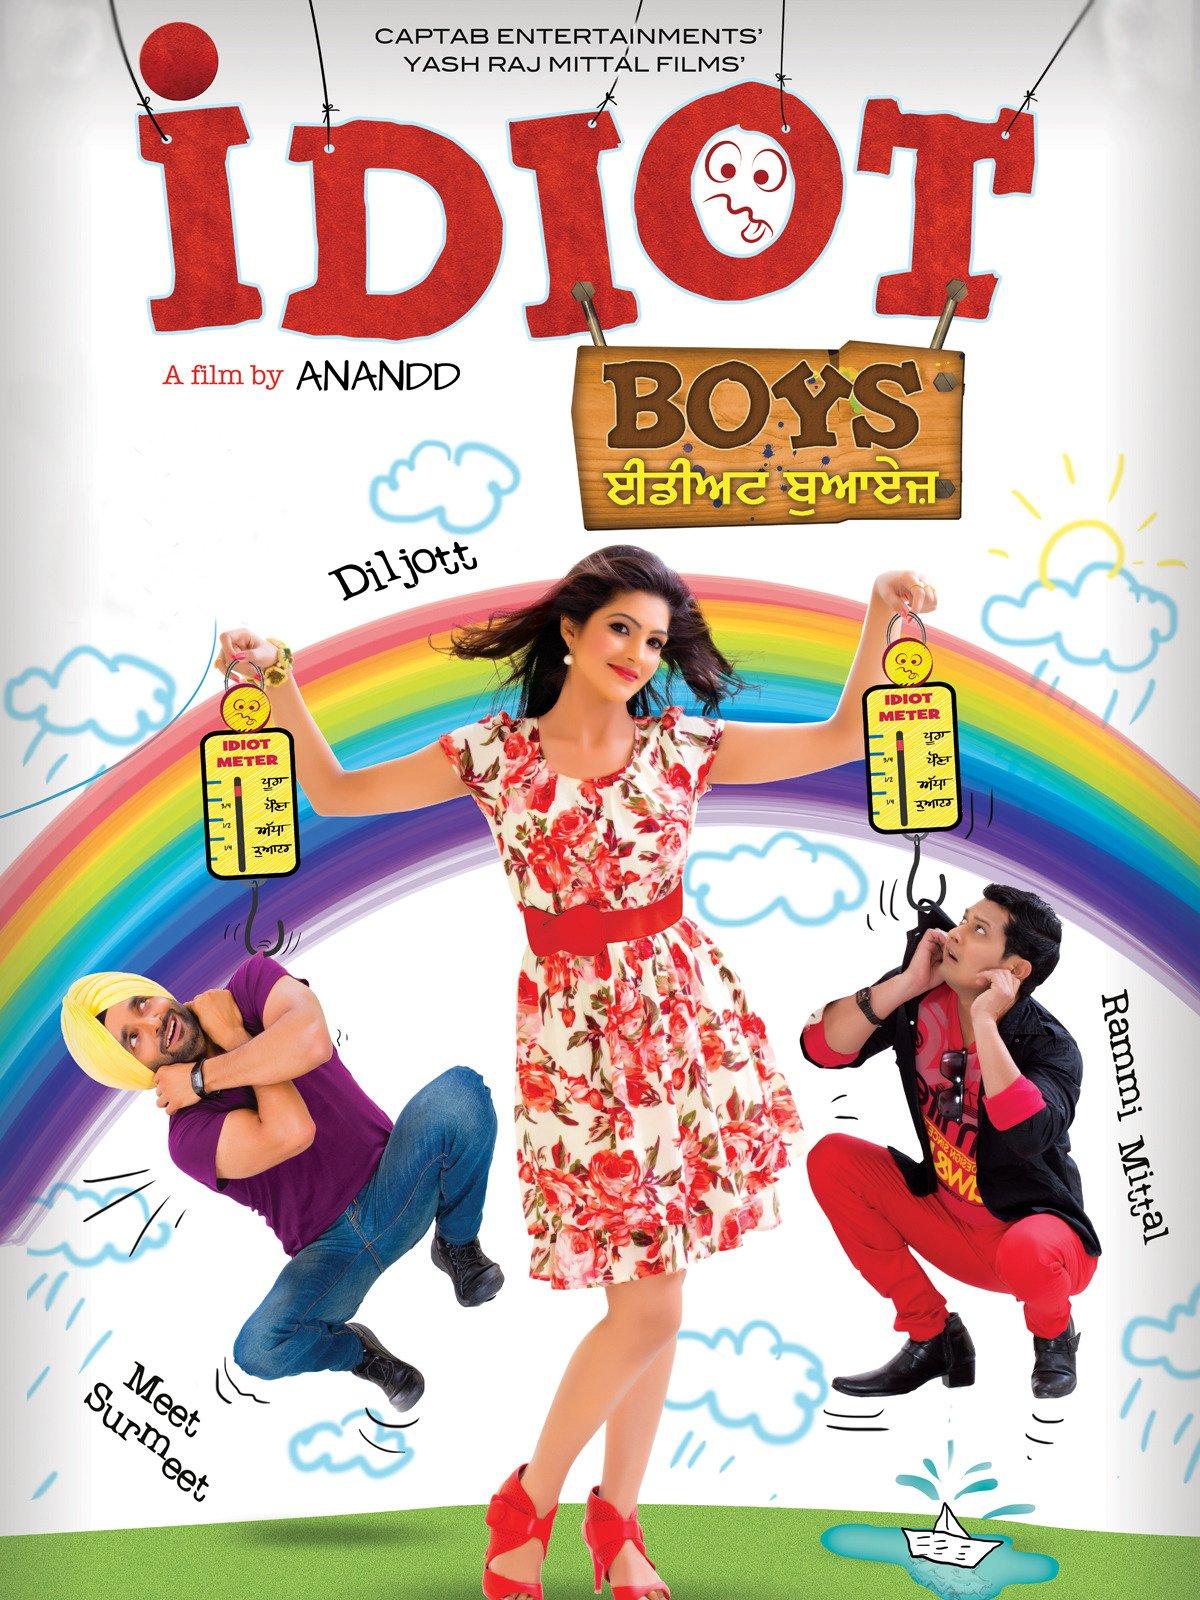 Idiot Boys